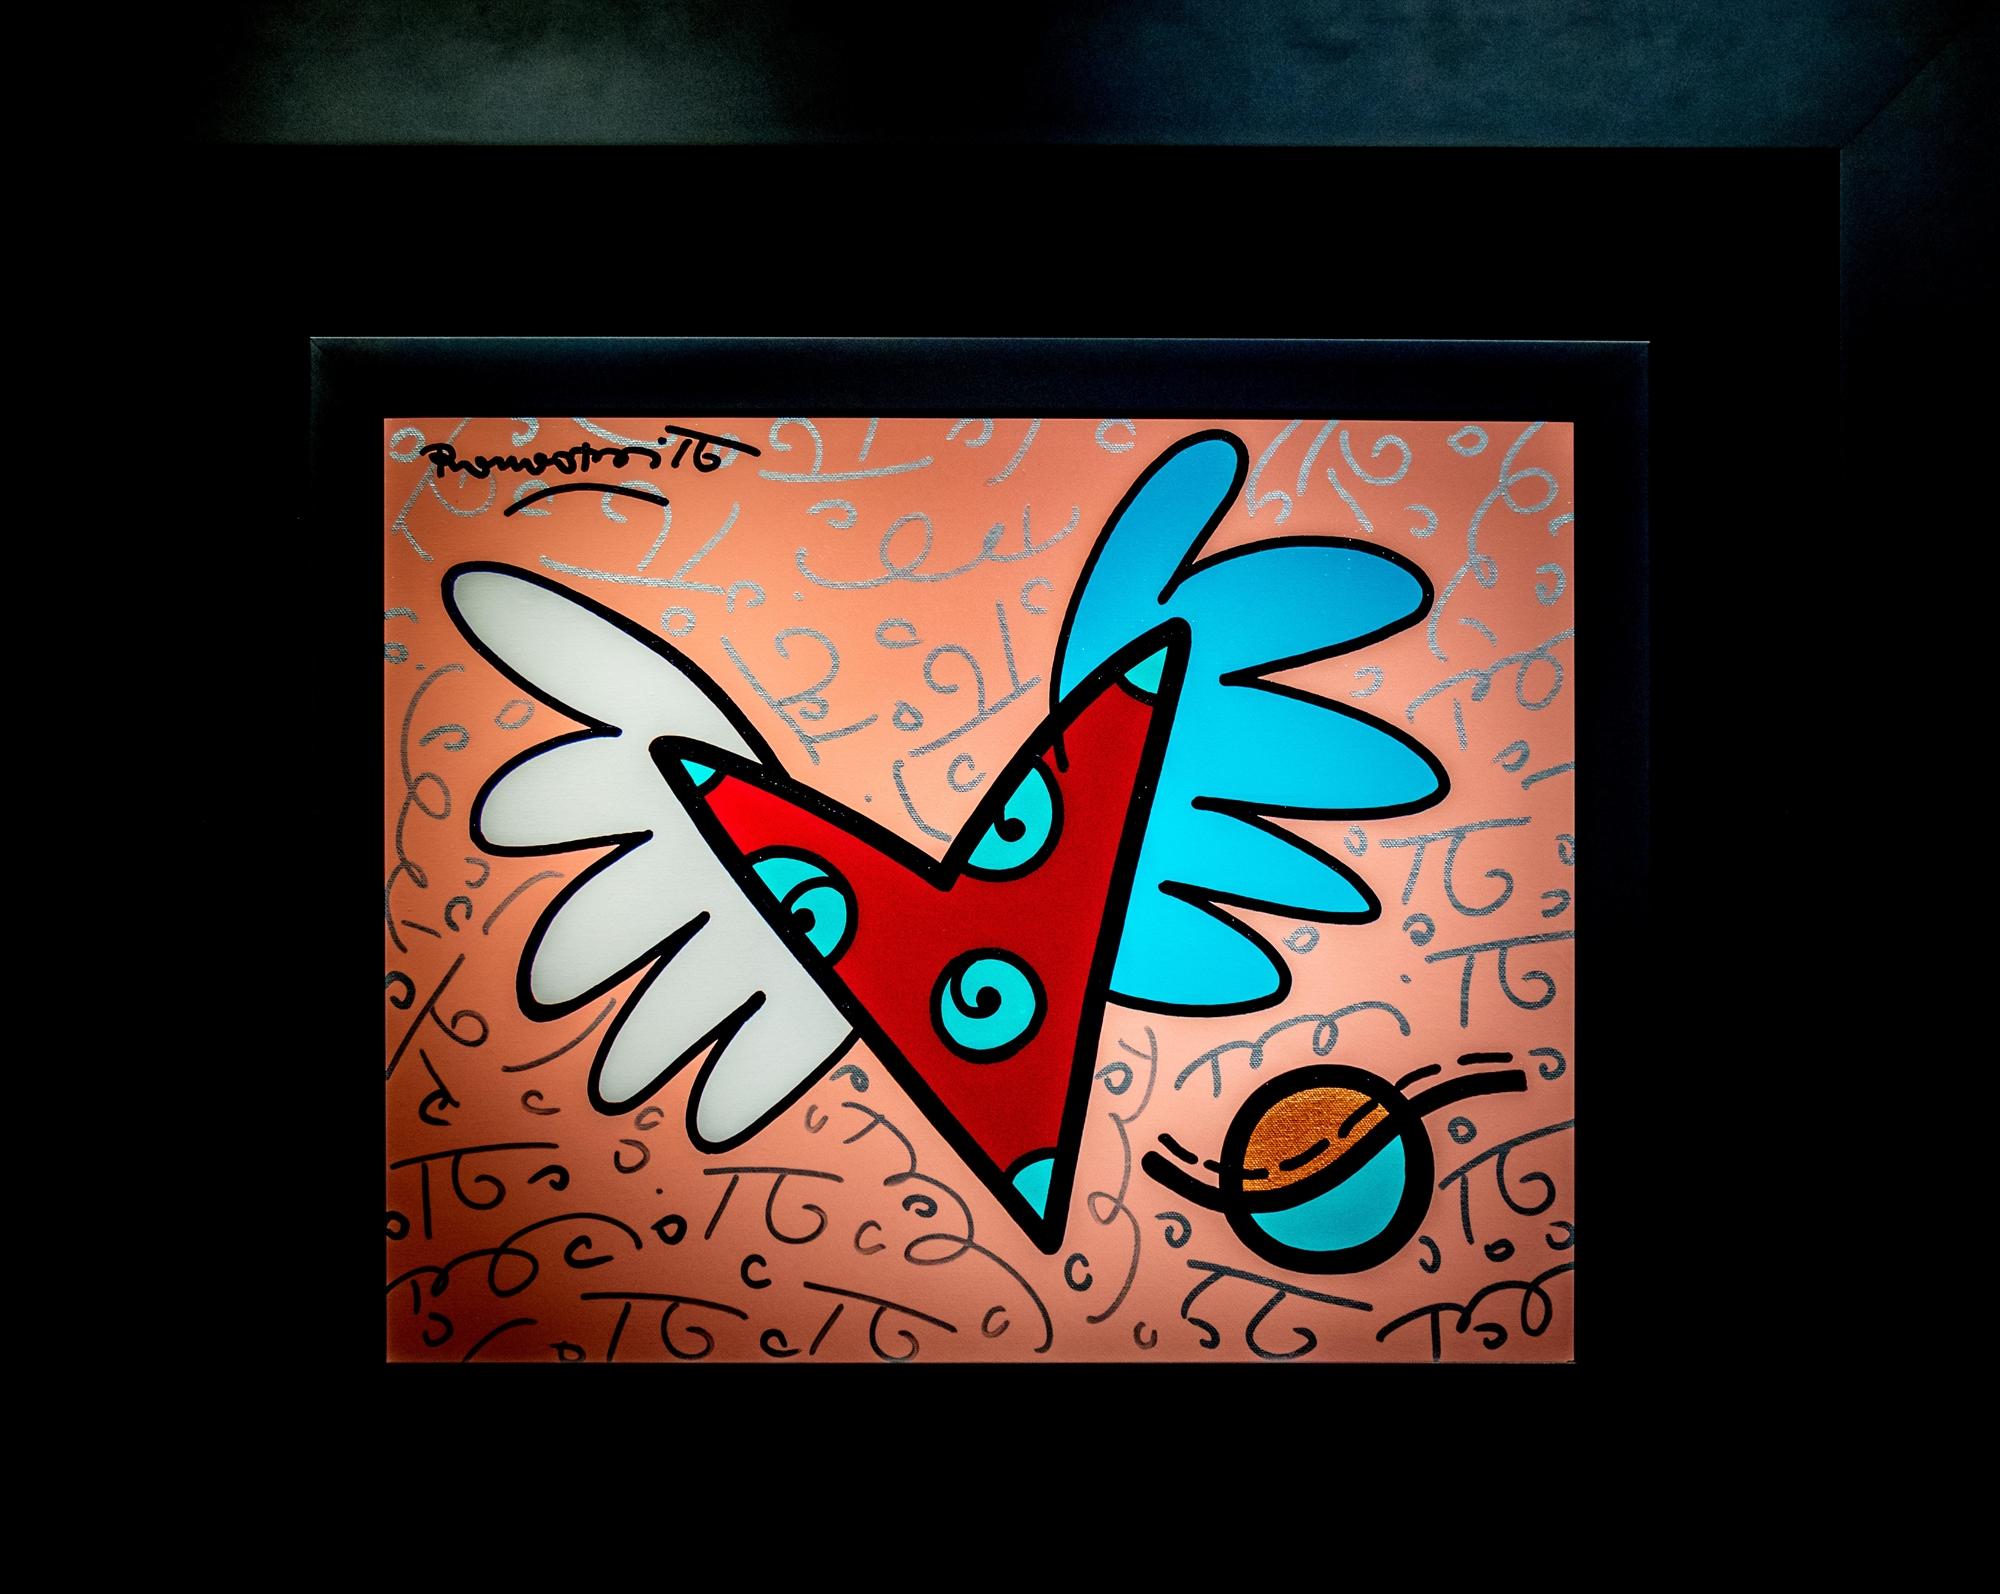 FREE LOVE by Romero Britto